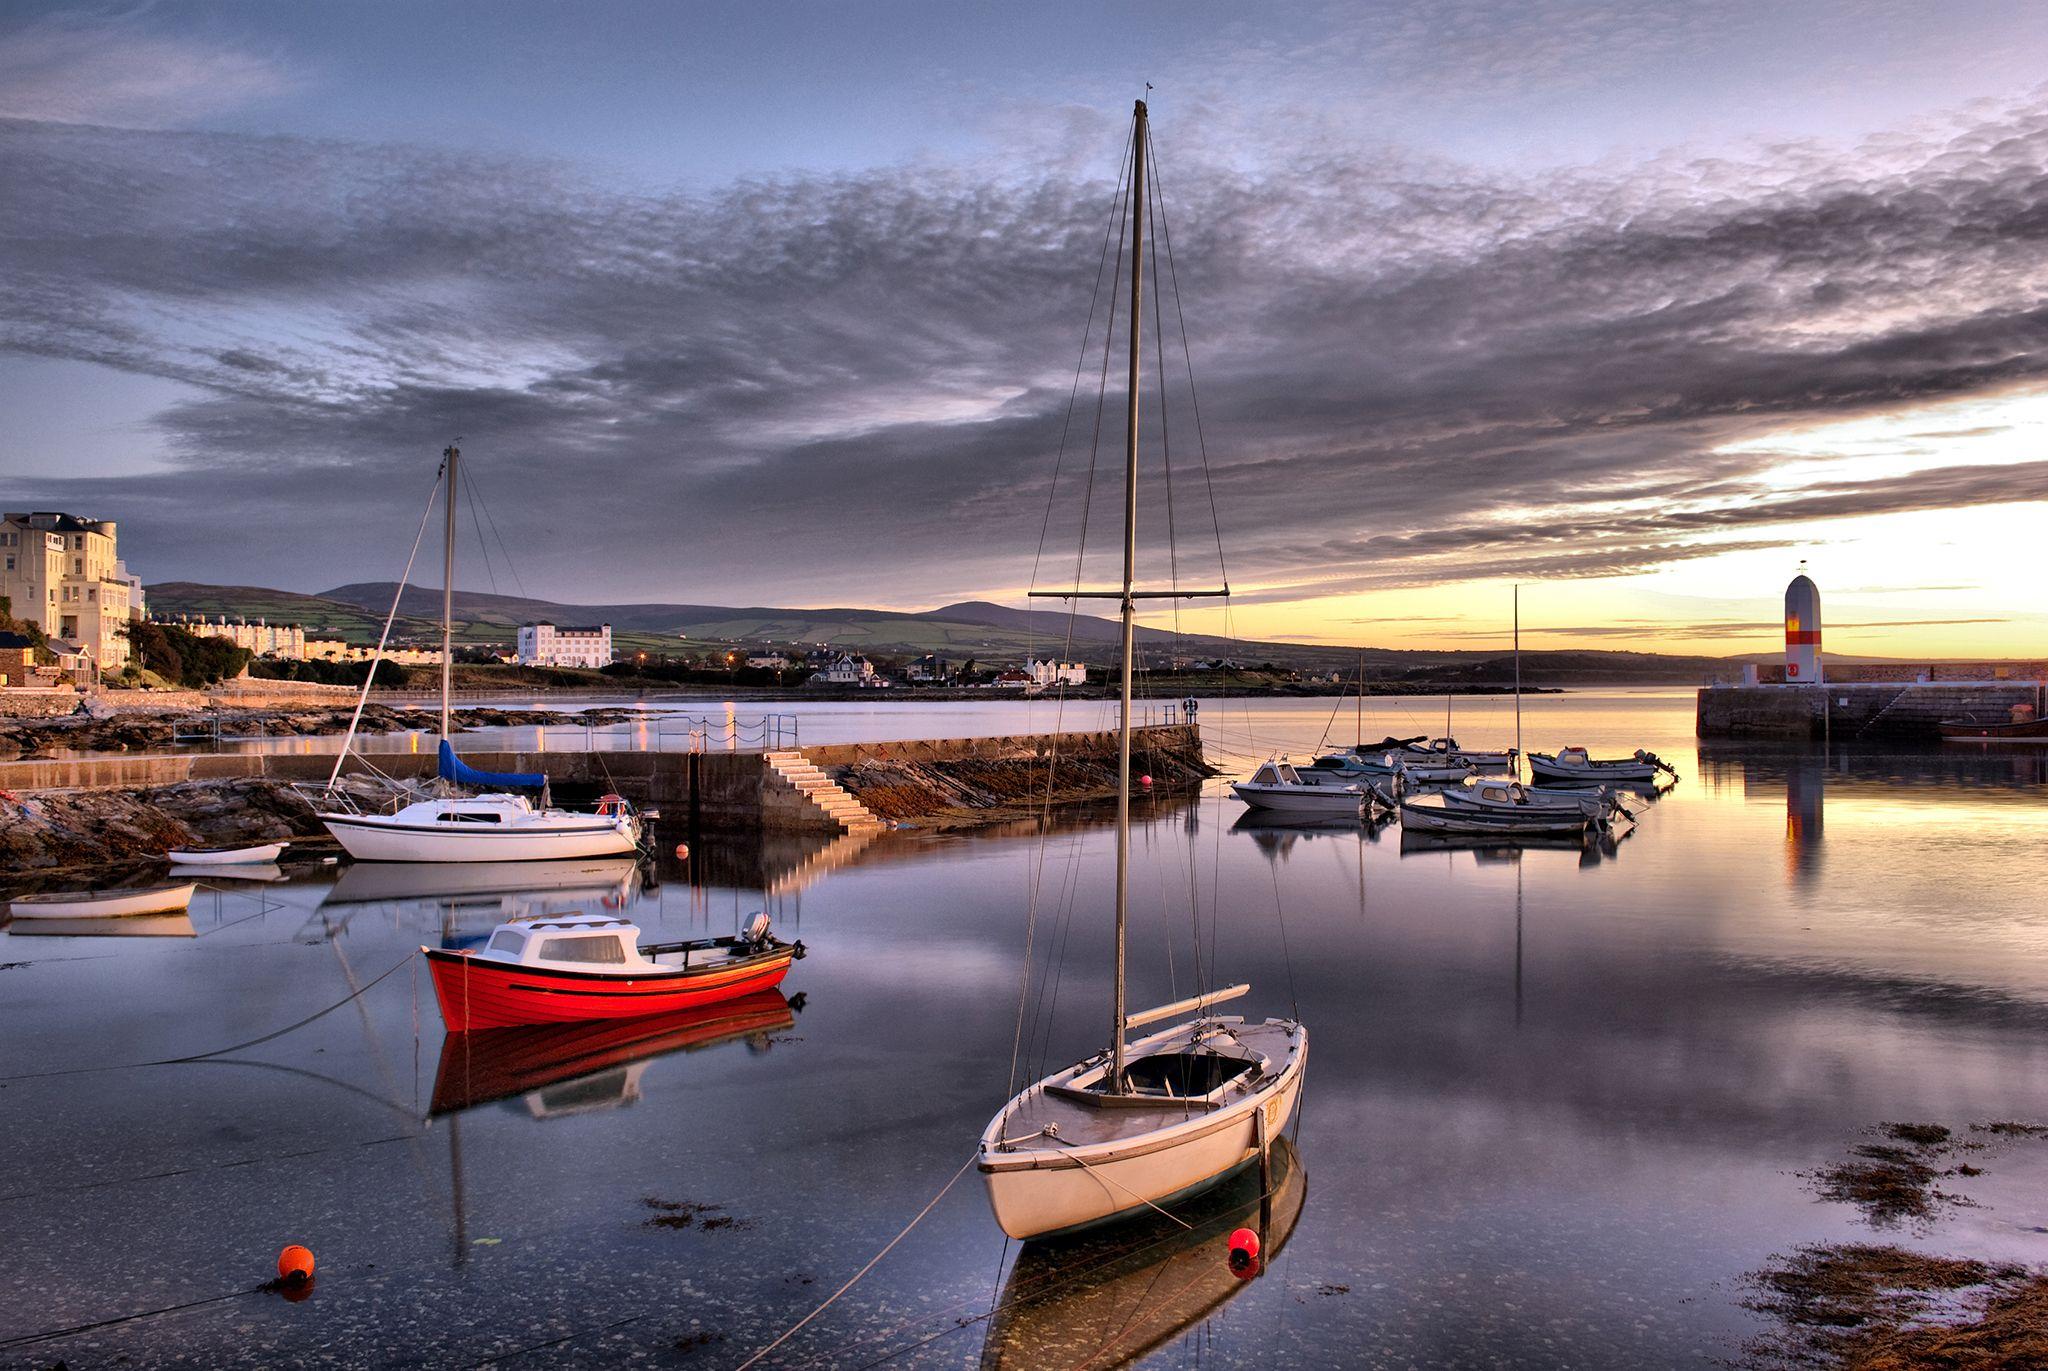 Port St. Mary (fot. Jan Treger)